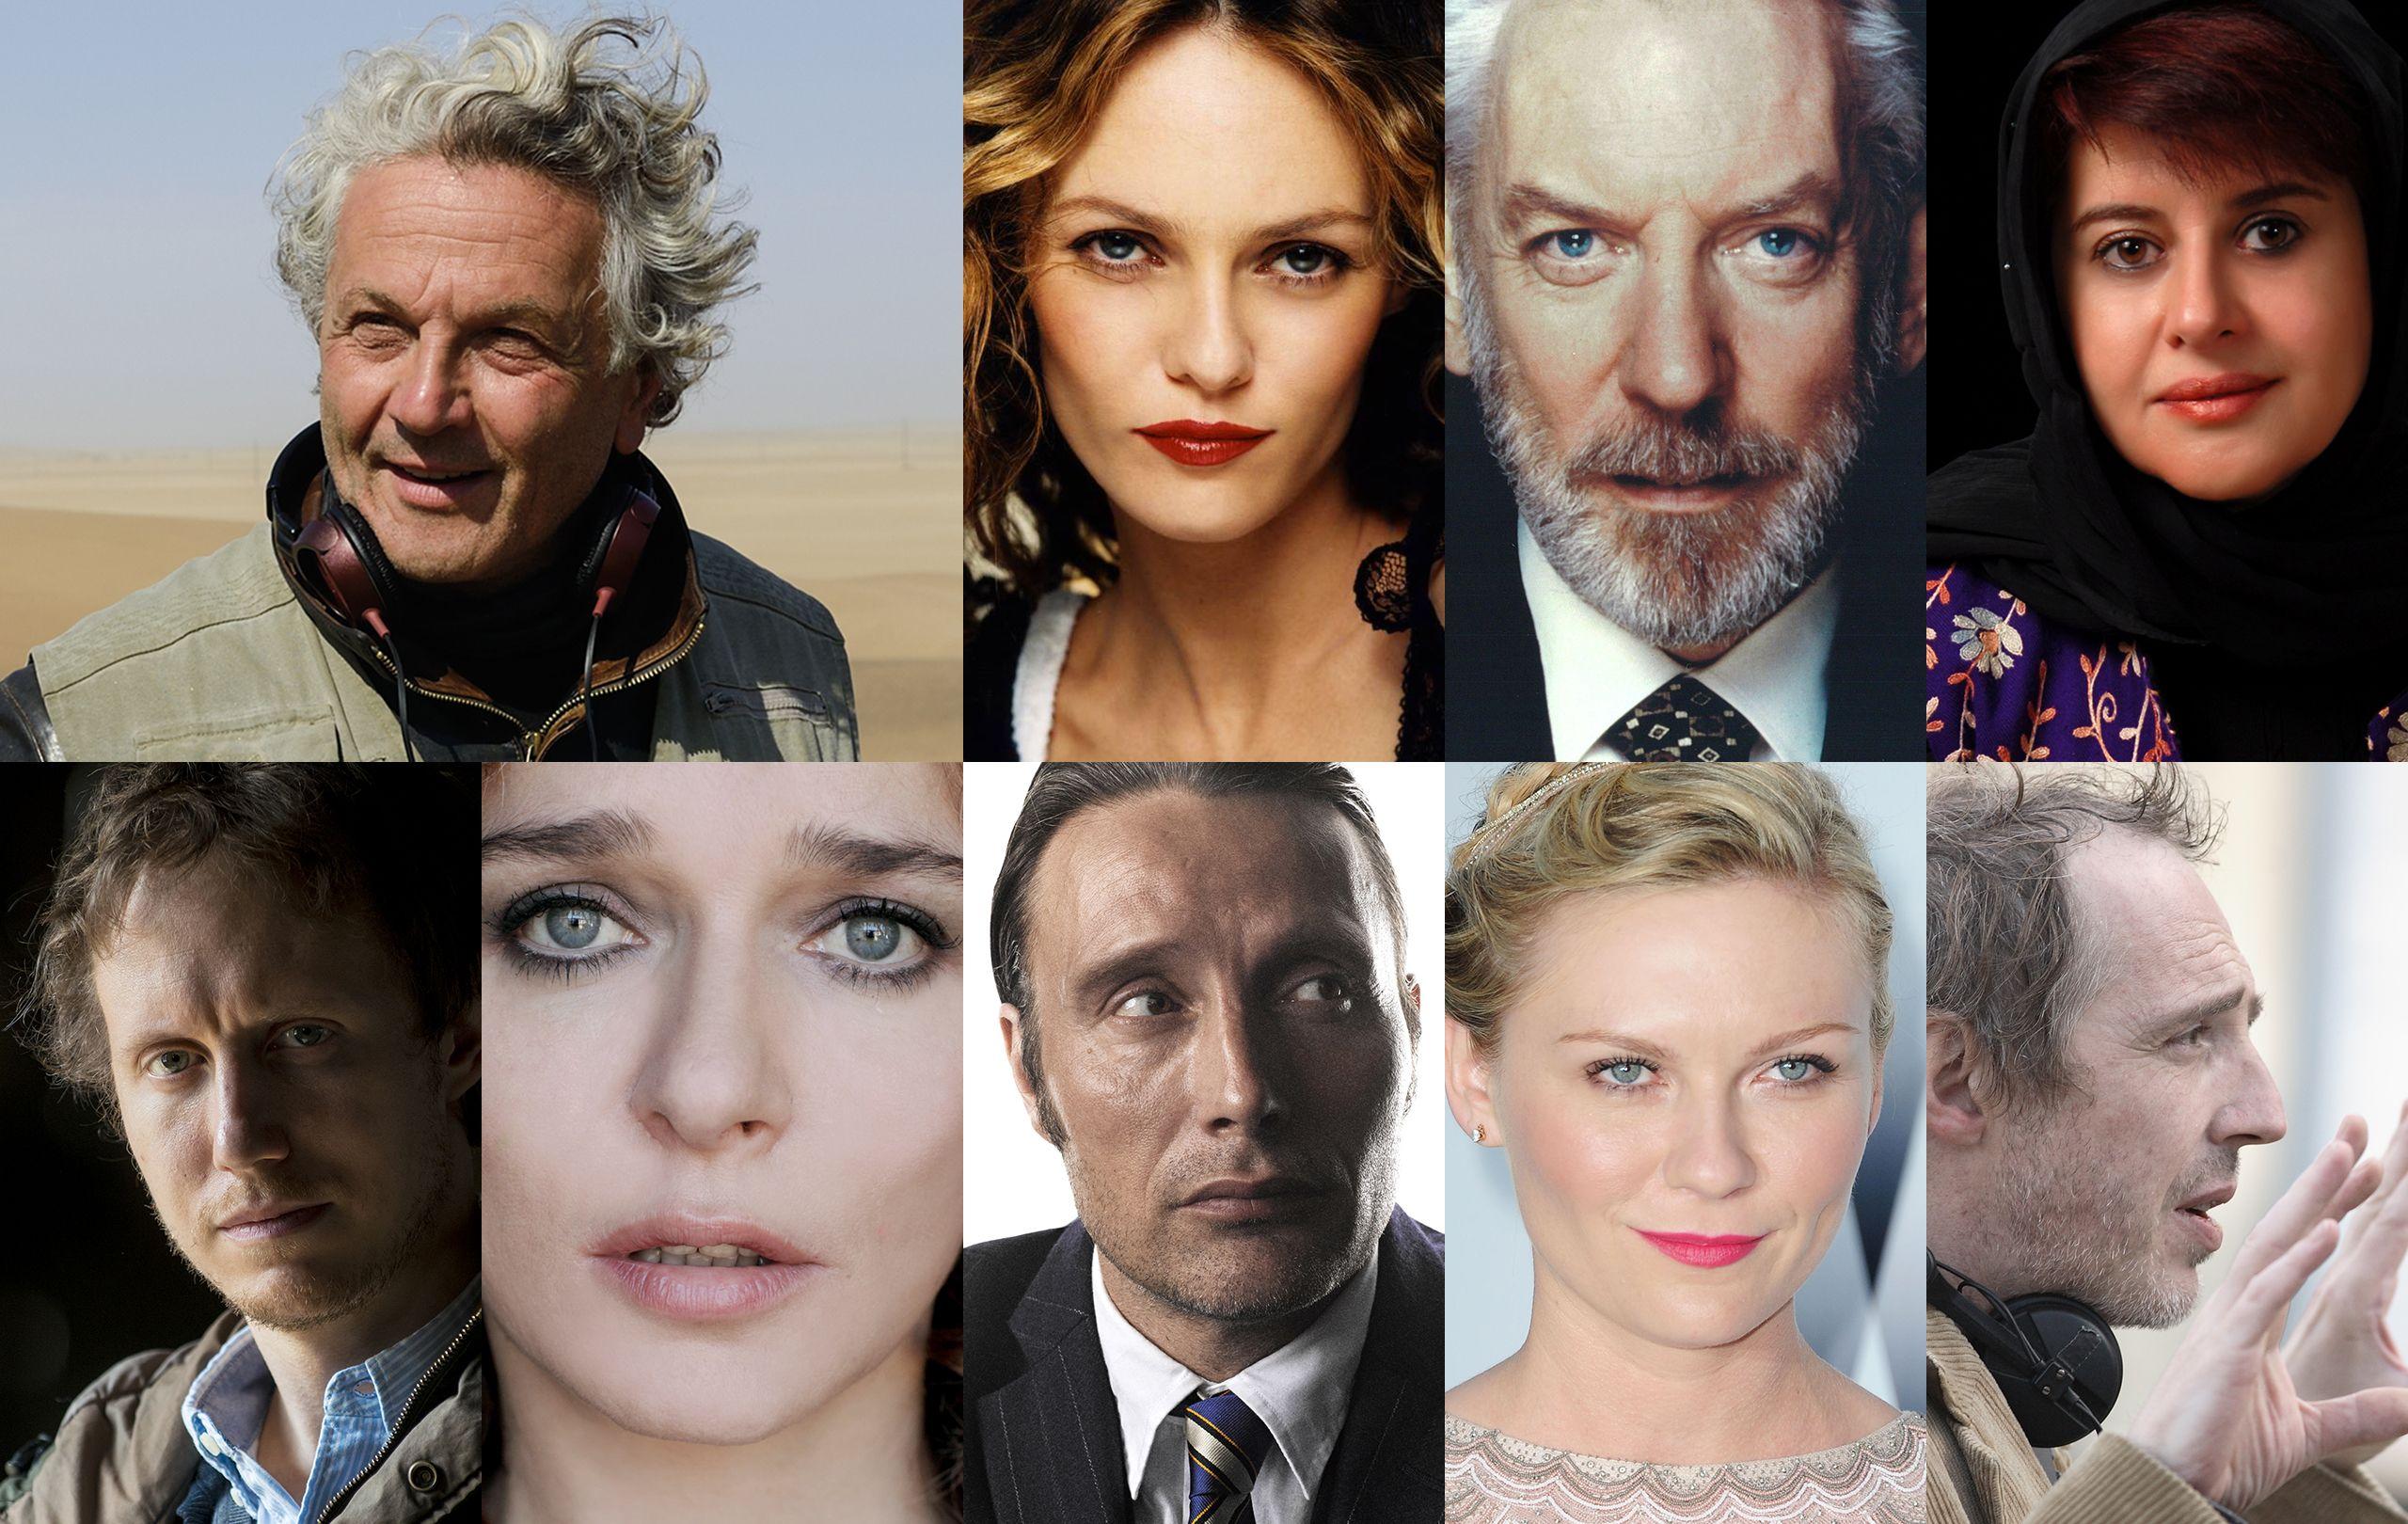 Festival de Cannes 2016 The jury